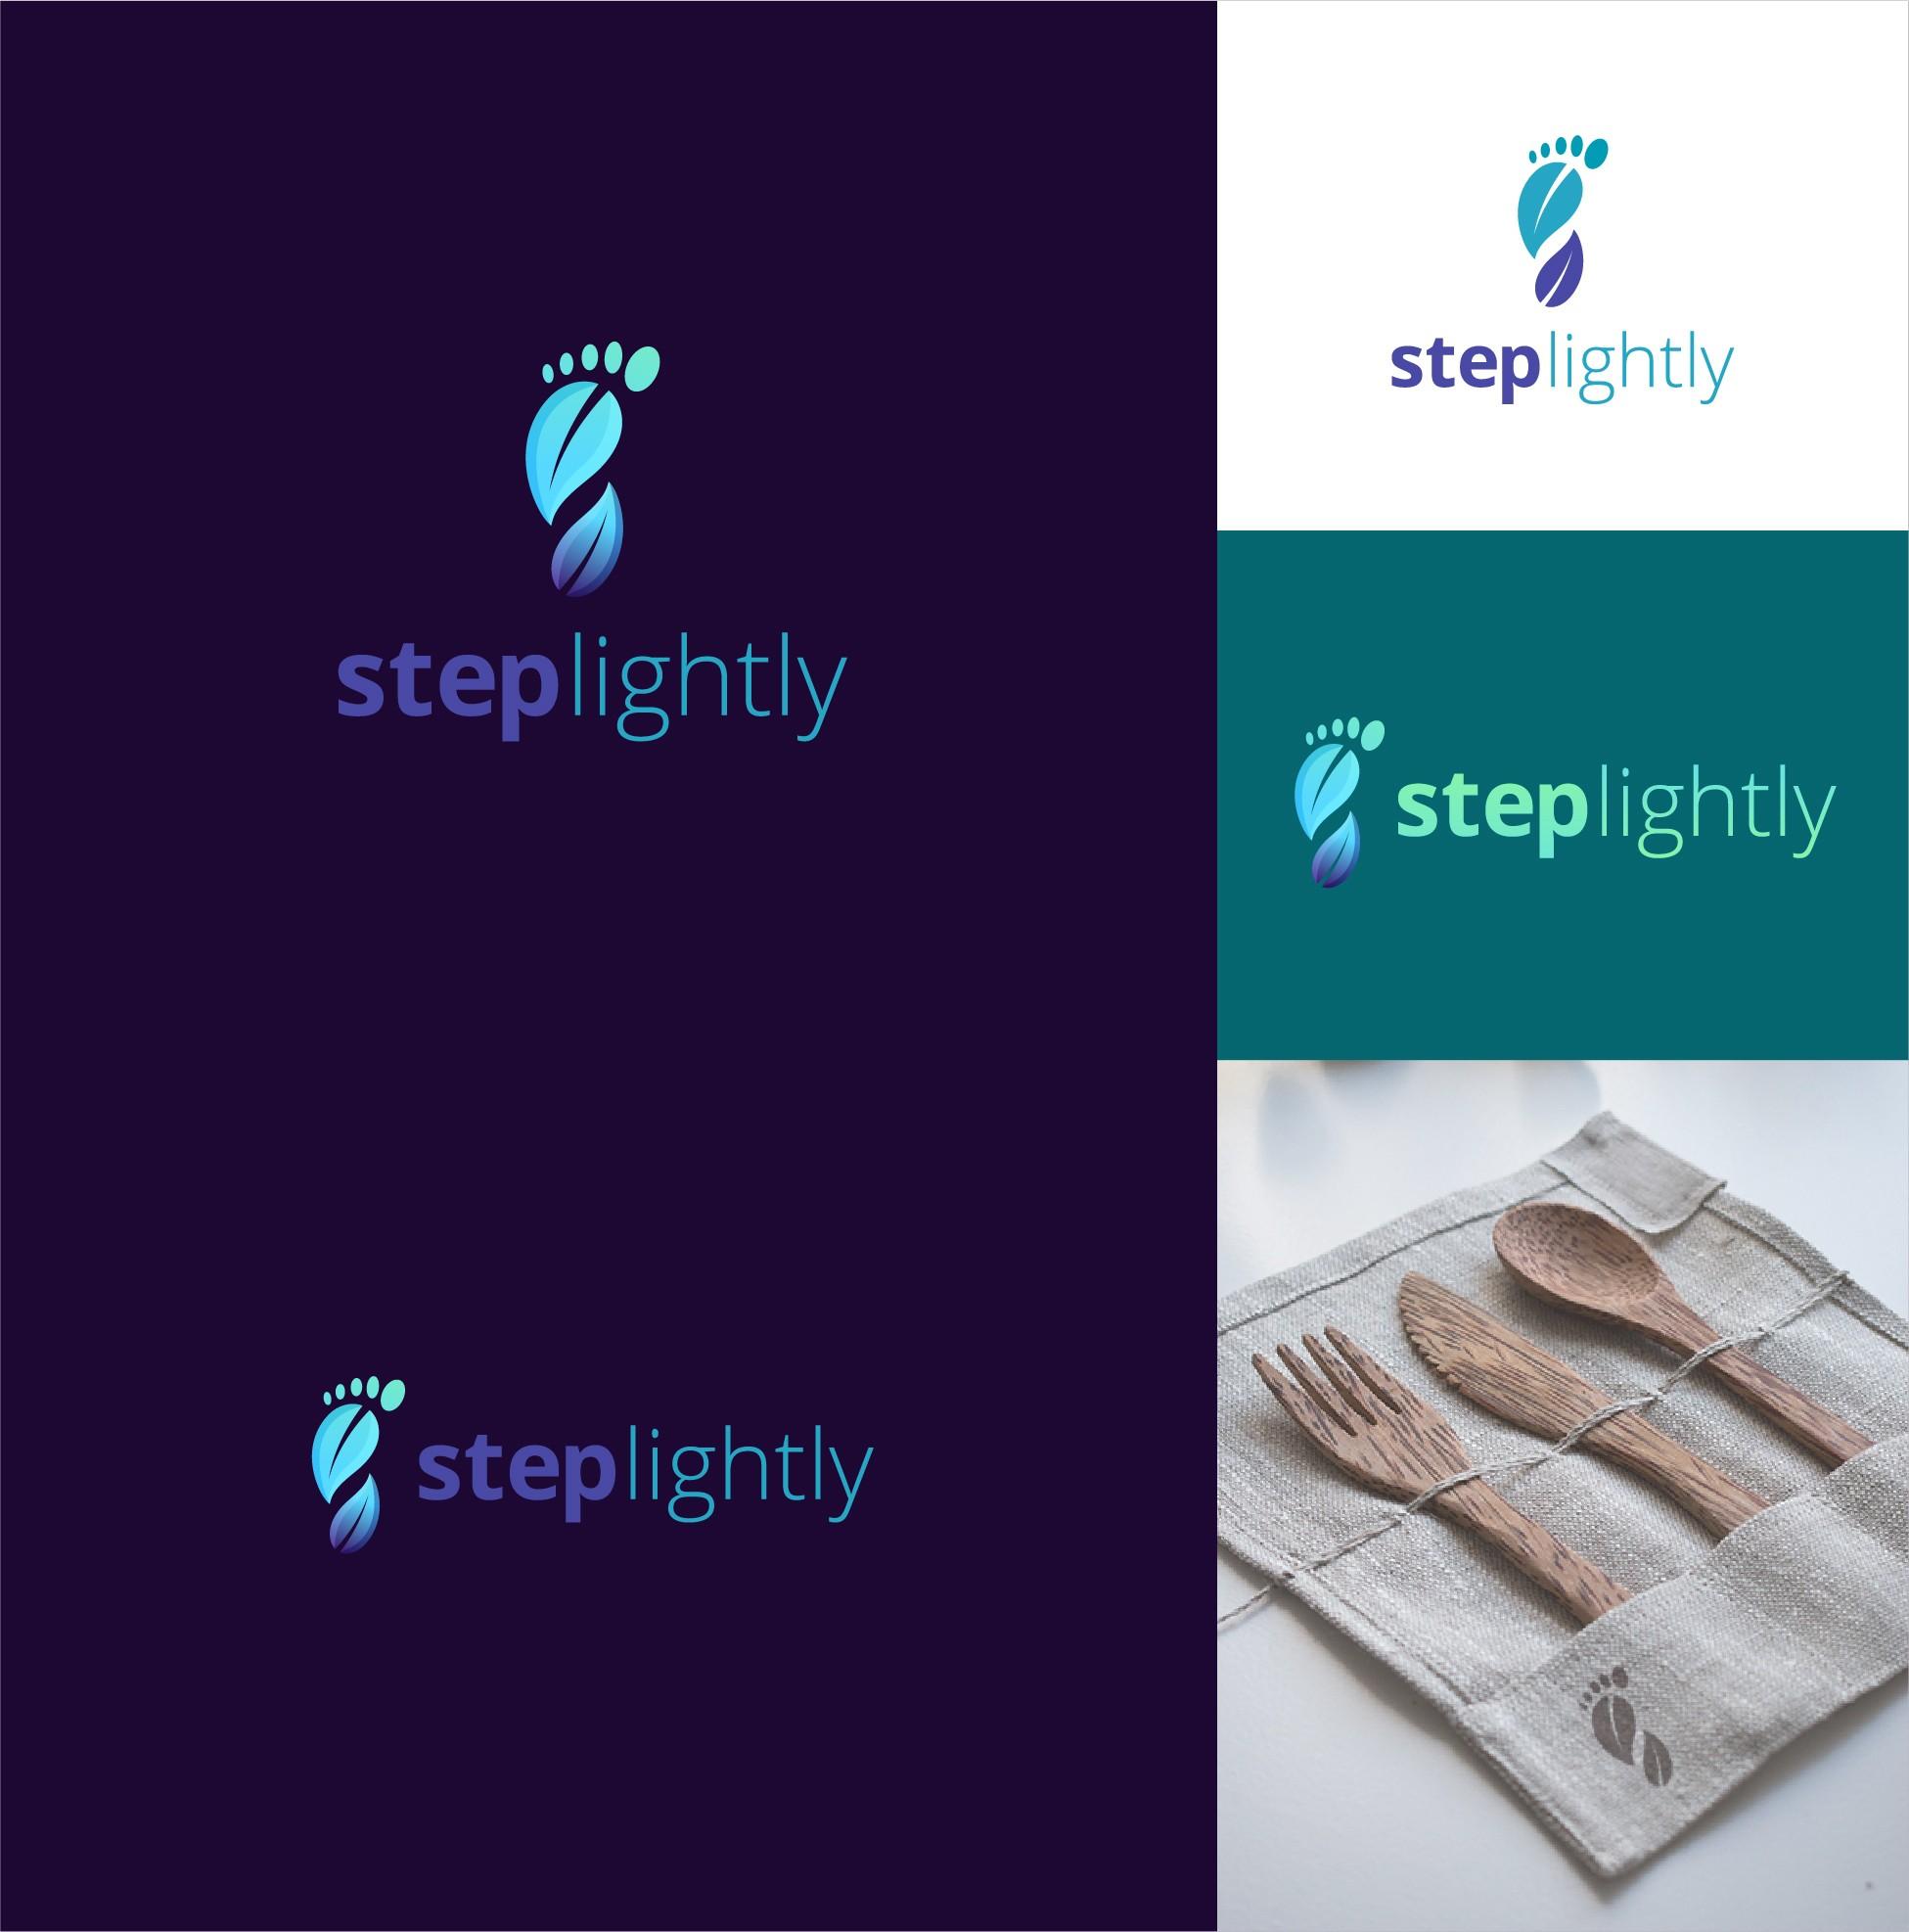 Logo design contest, retail eco friendly brand